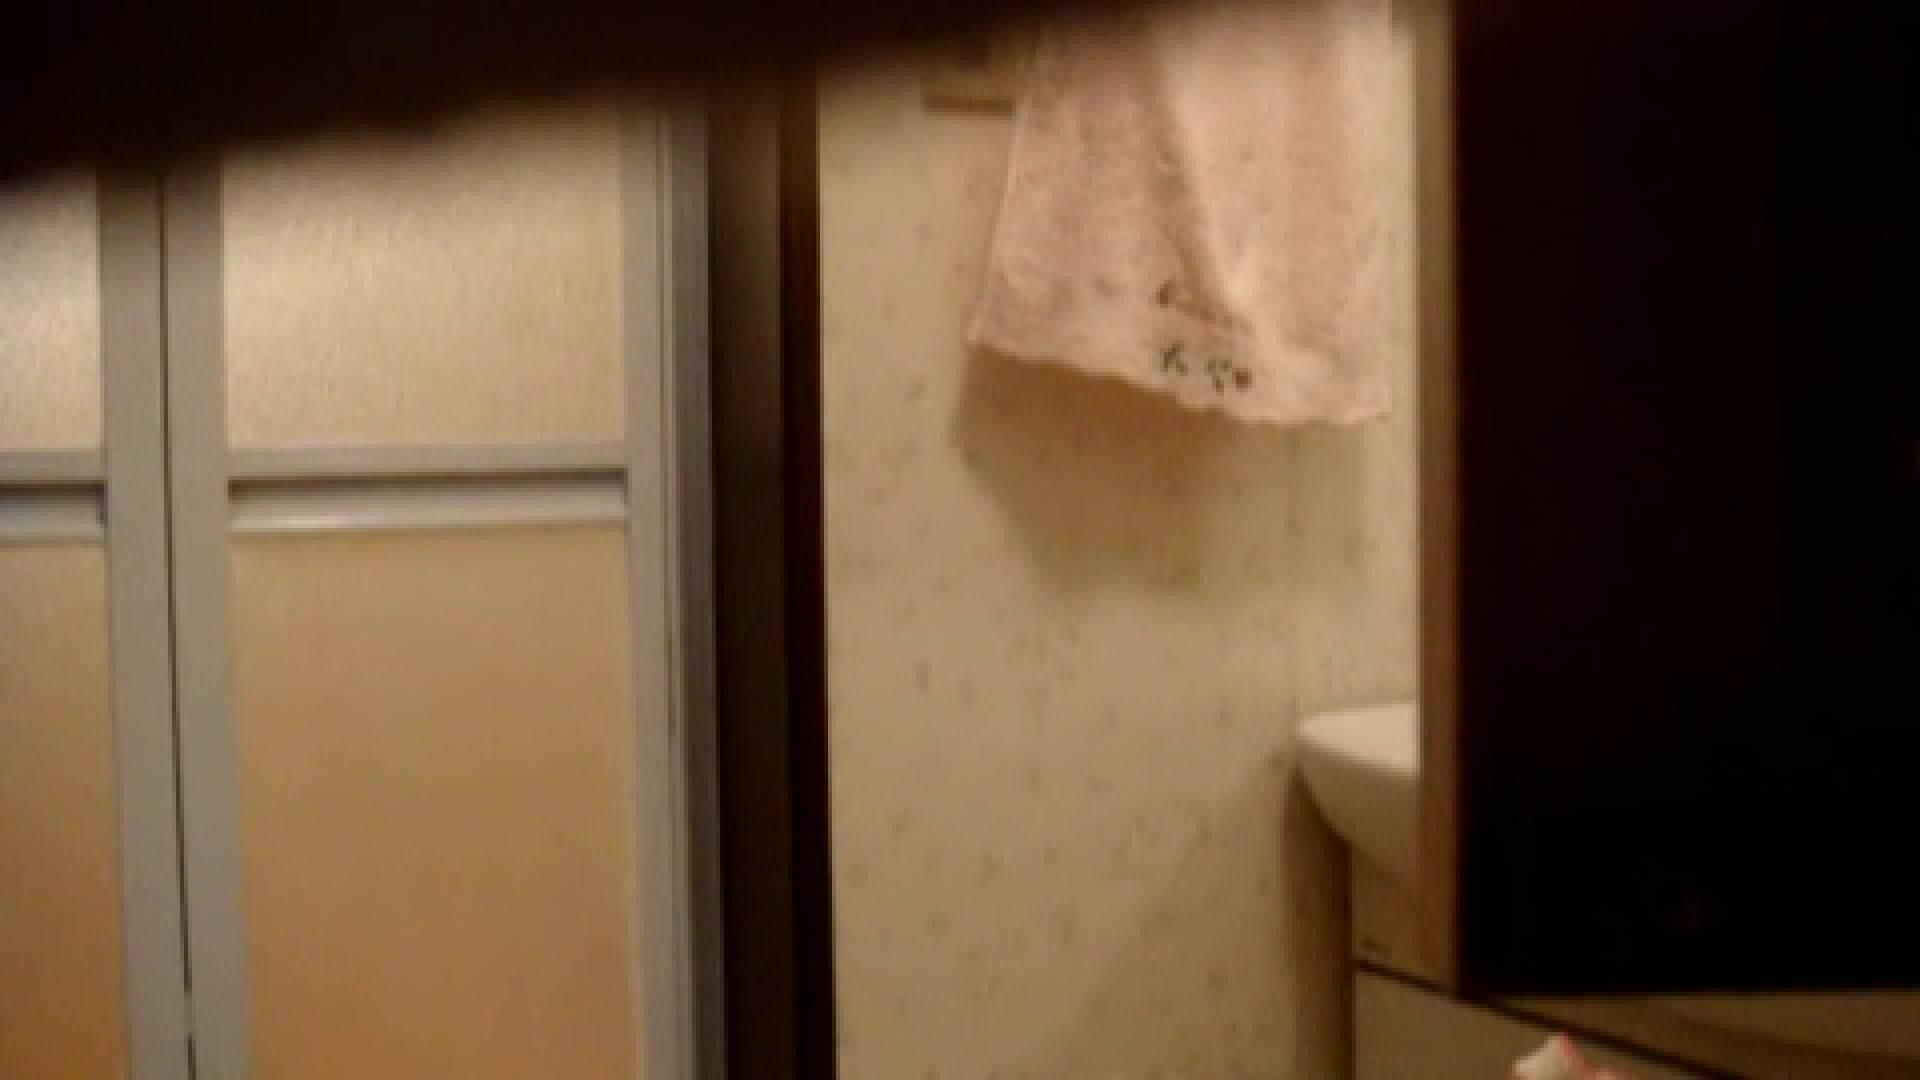 二人とも育てた甲斐がありました… vol.08 まどかの入浴中にカメラに気付いたか!? OLのエロ生活   ギャル入浴  71連発 7